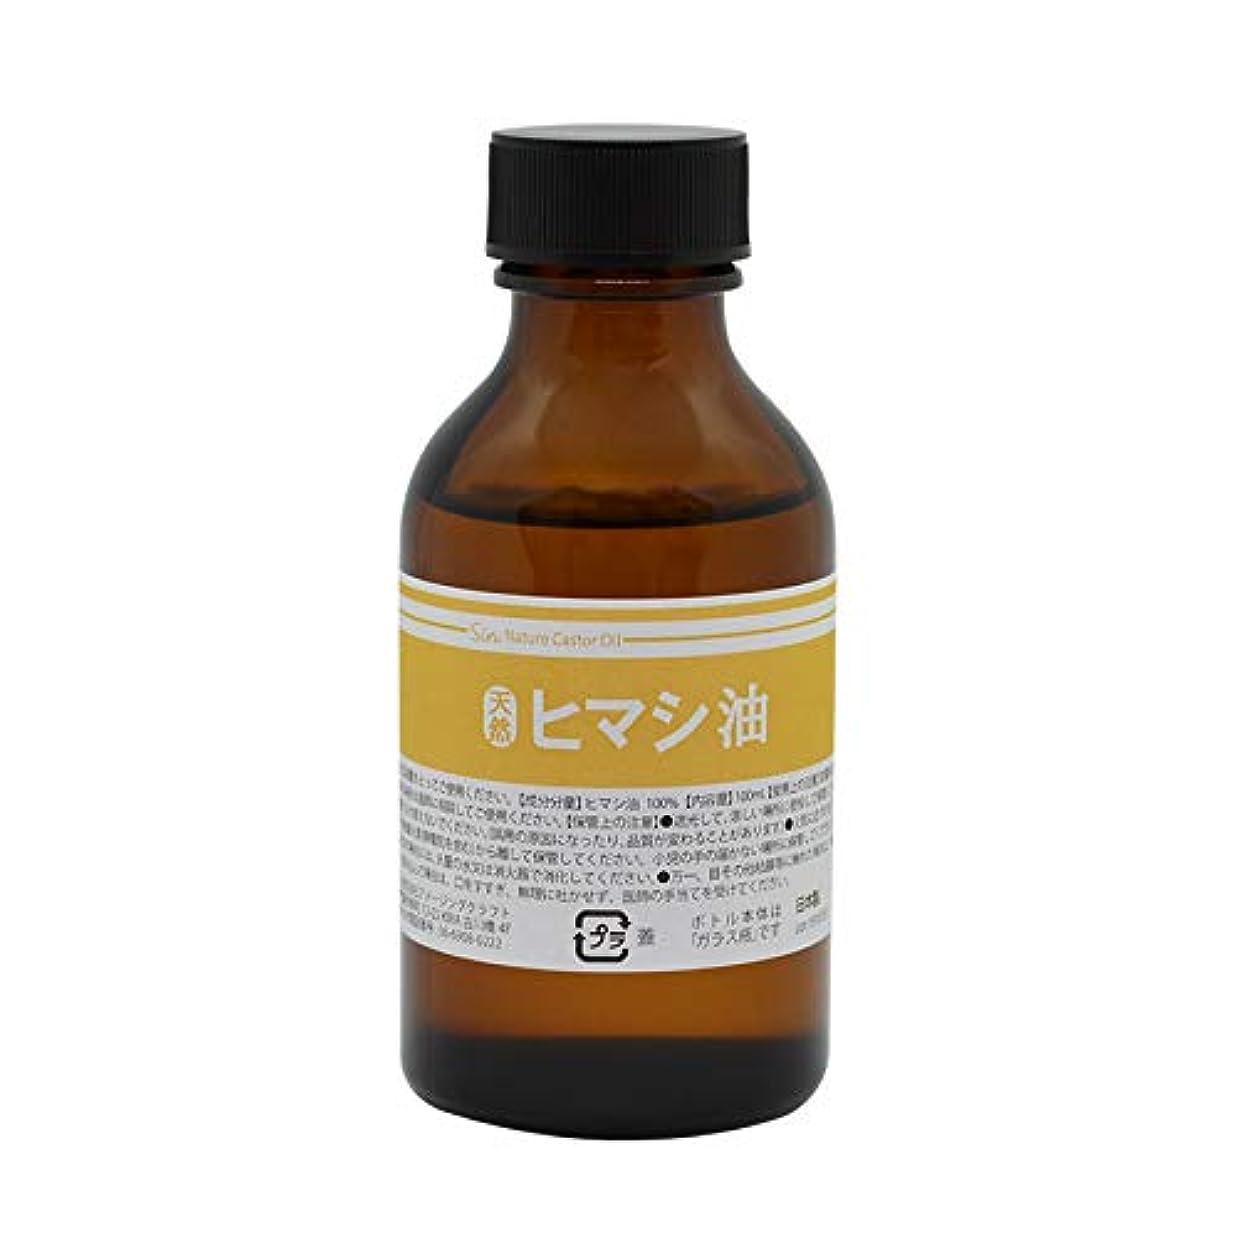 役に立つ六怠天然無添加 国内精製ひまし油 (キャスターオイル) 100ml